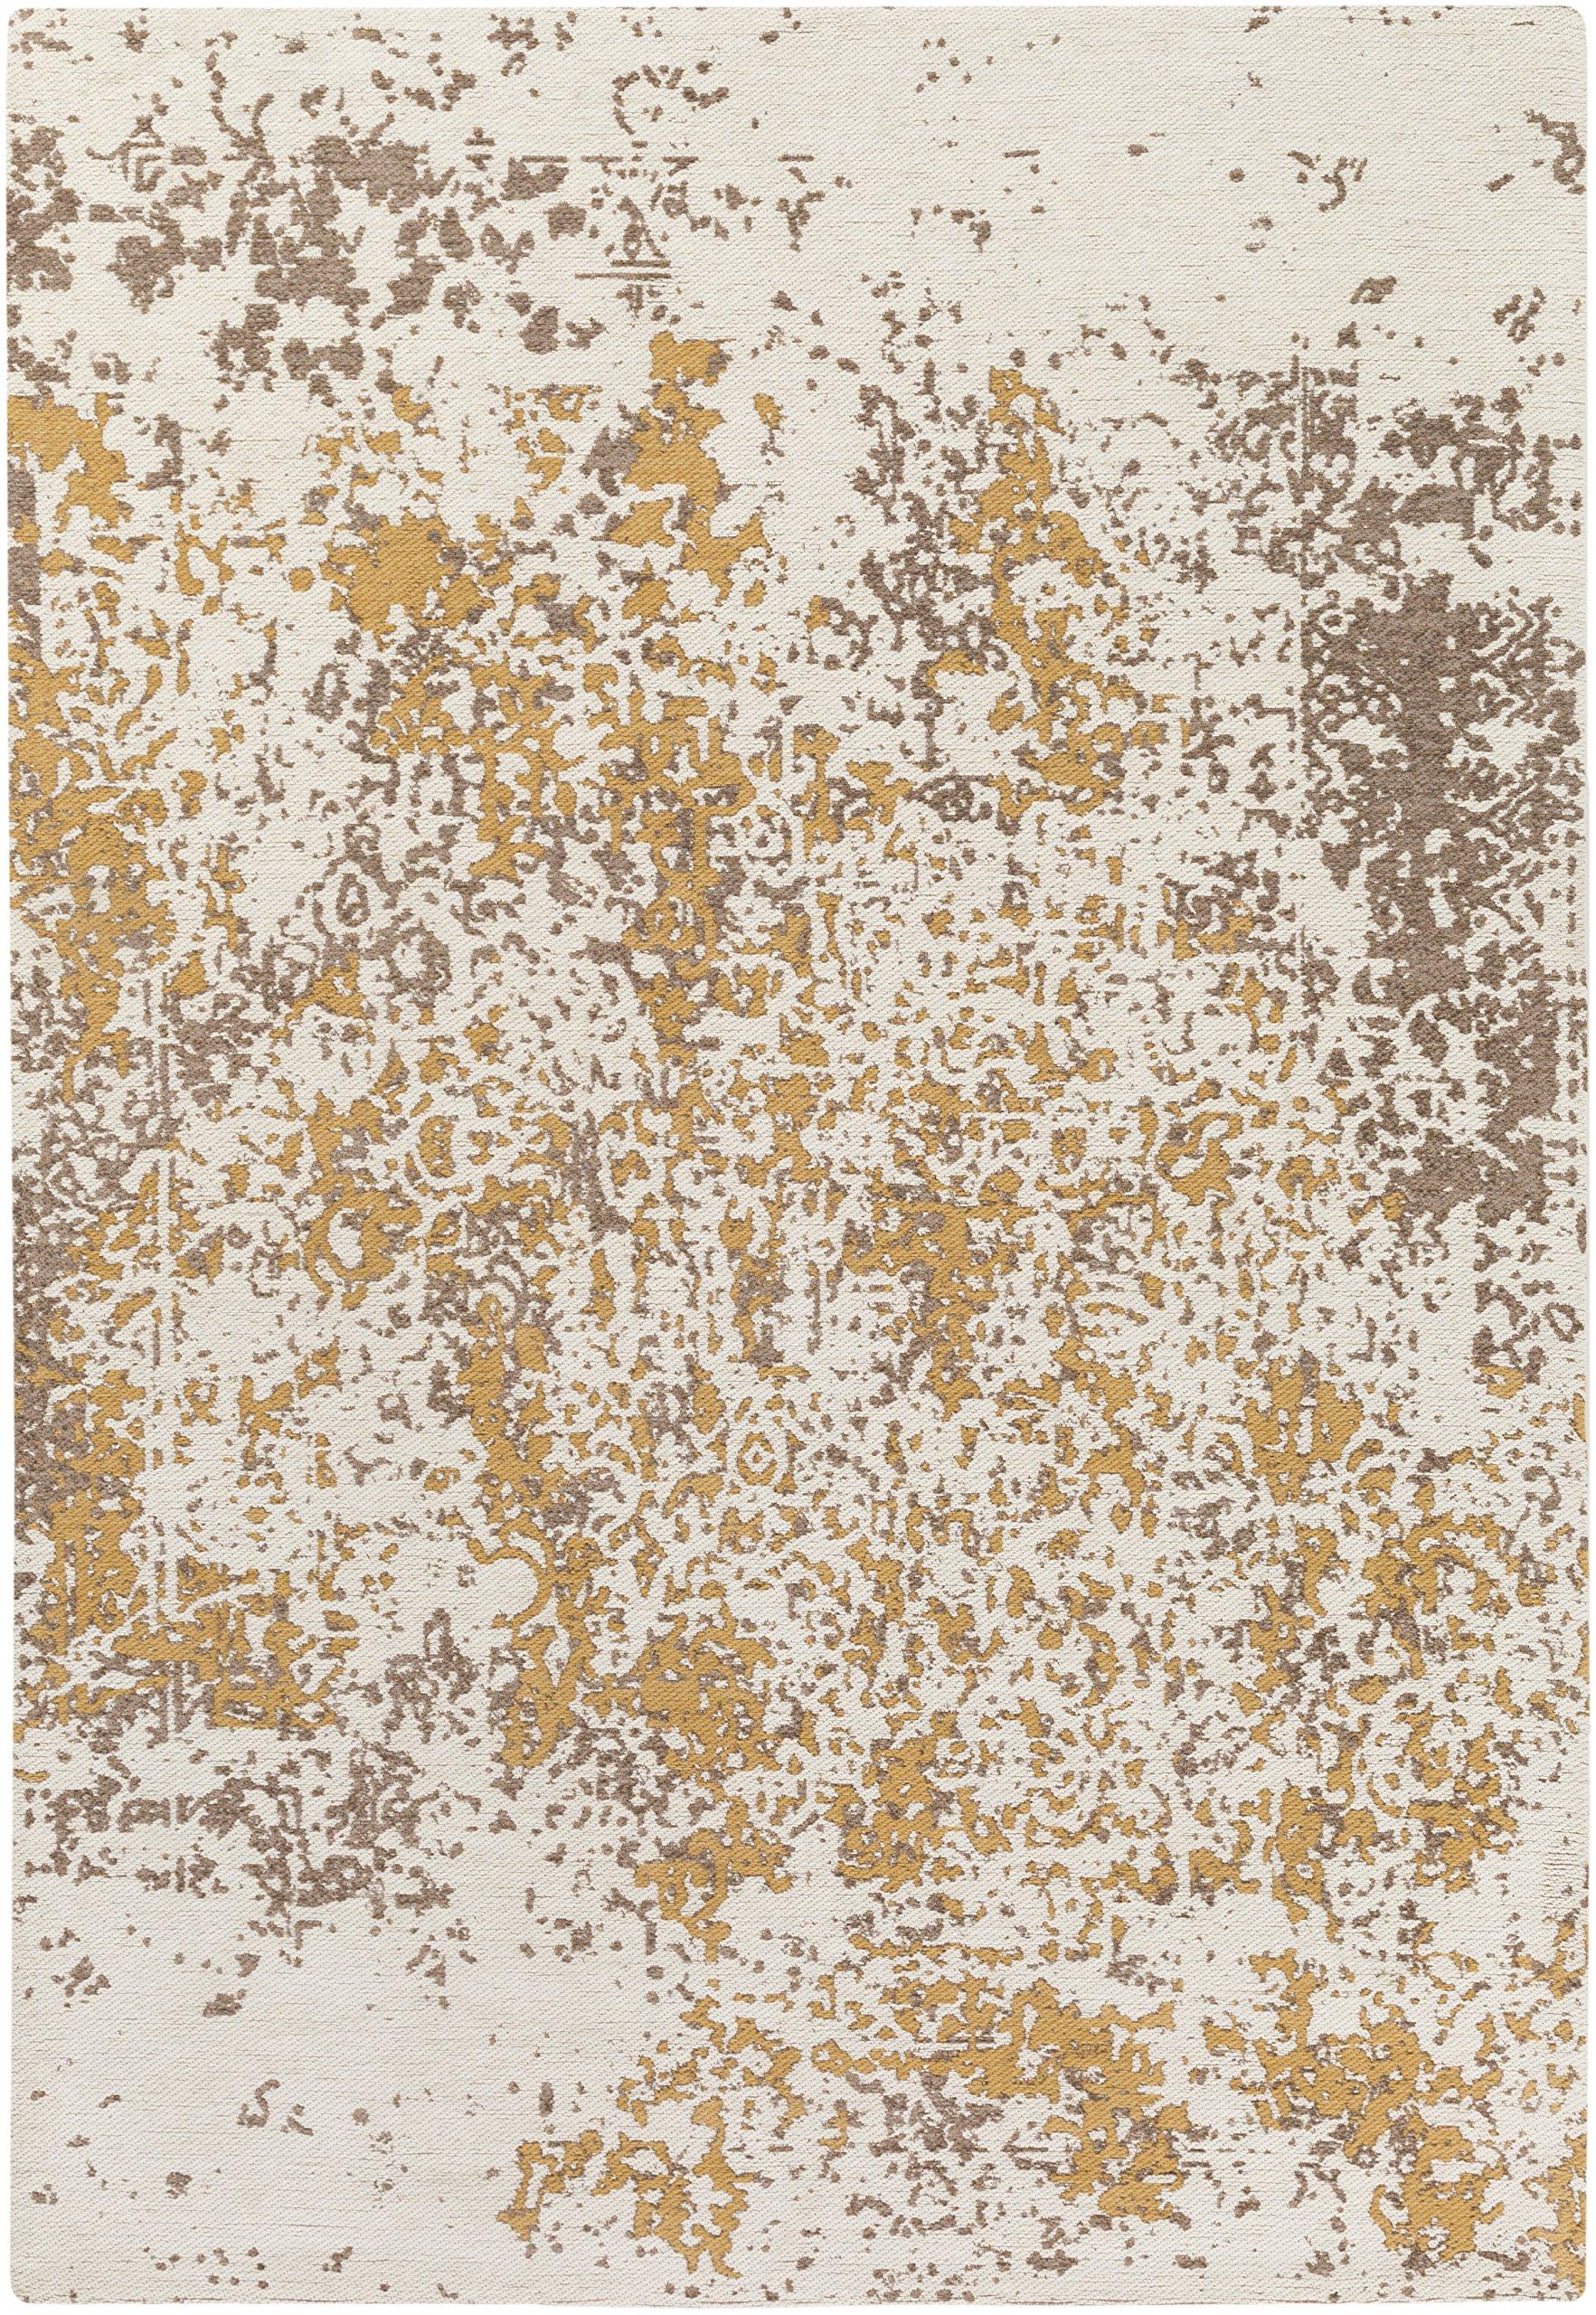 Artistic Weavers EGT3077-913 EGT3077-913 Egypt Lara Rug, 9' x 13'